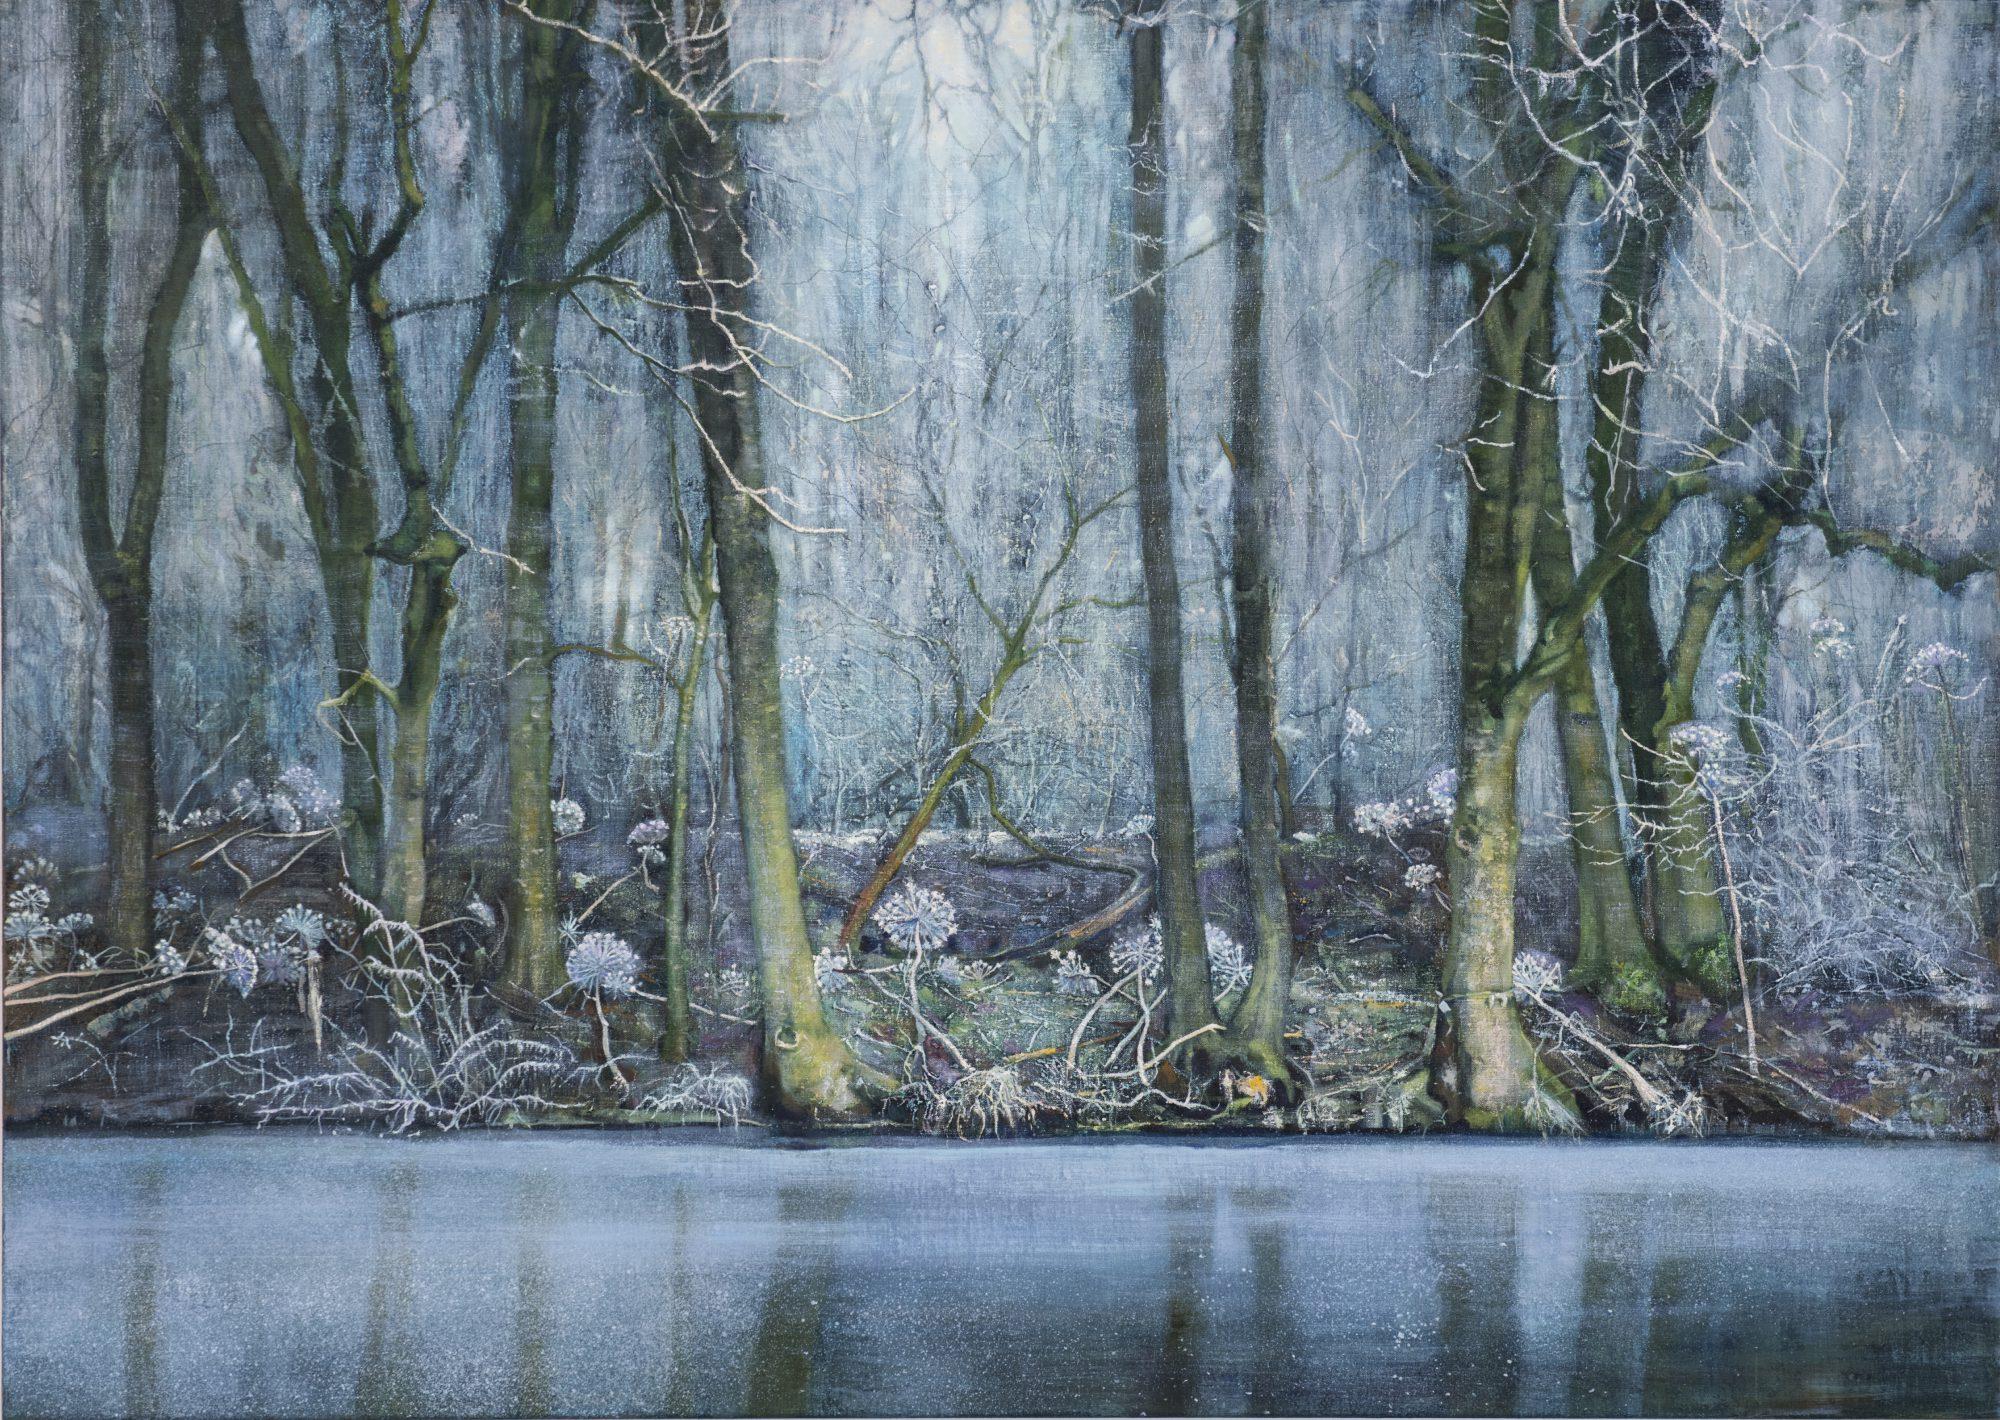 schilderij Isabella Werkhoven berenklauwen in winter bos sneeuw rijp ijs bevroren water